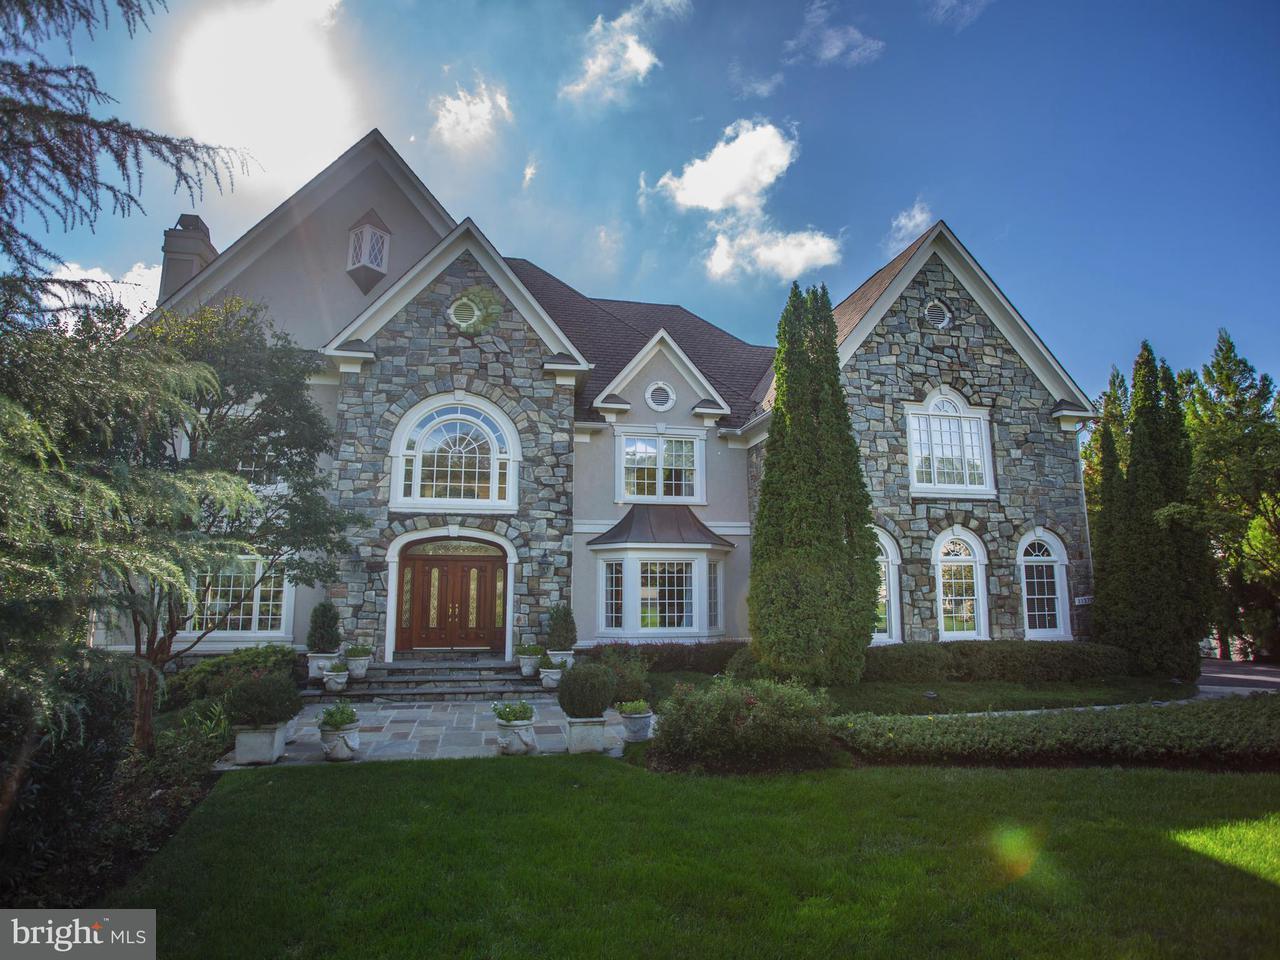 Частный односемейный дом для того Продажа на 11371 JACKRABBIT Court 11371 JACKRABBIT Court Potomac Falls, Виргиния 20165 Соединенные Штаты